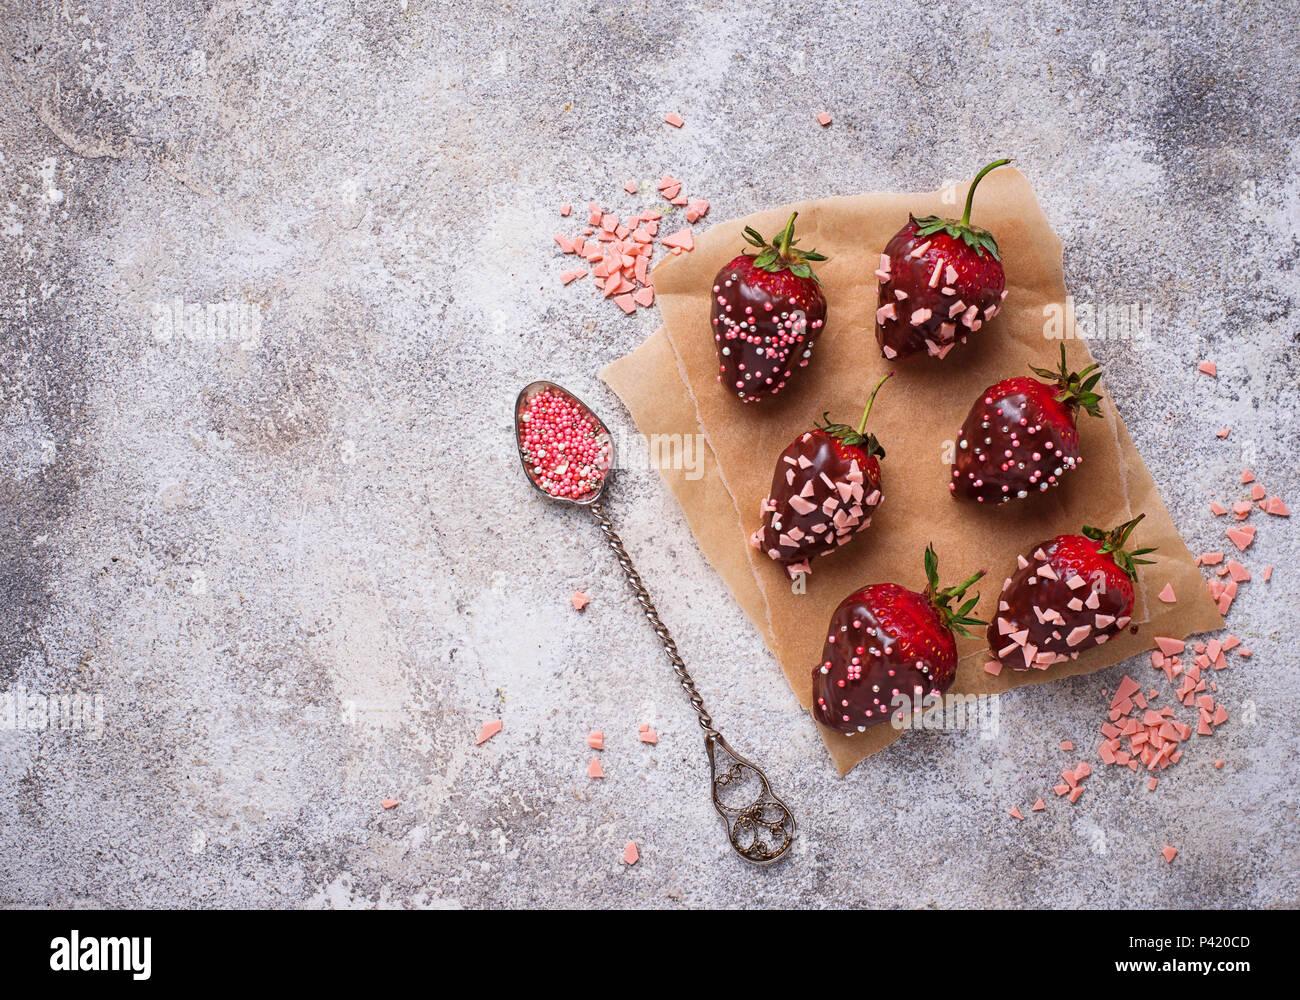 La fraise au chocolat, délicieux dessert Banque D'Images